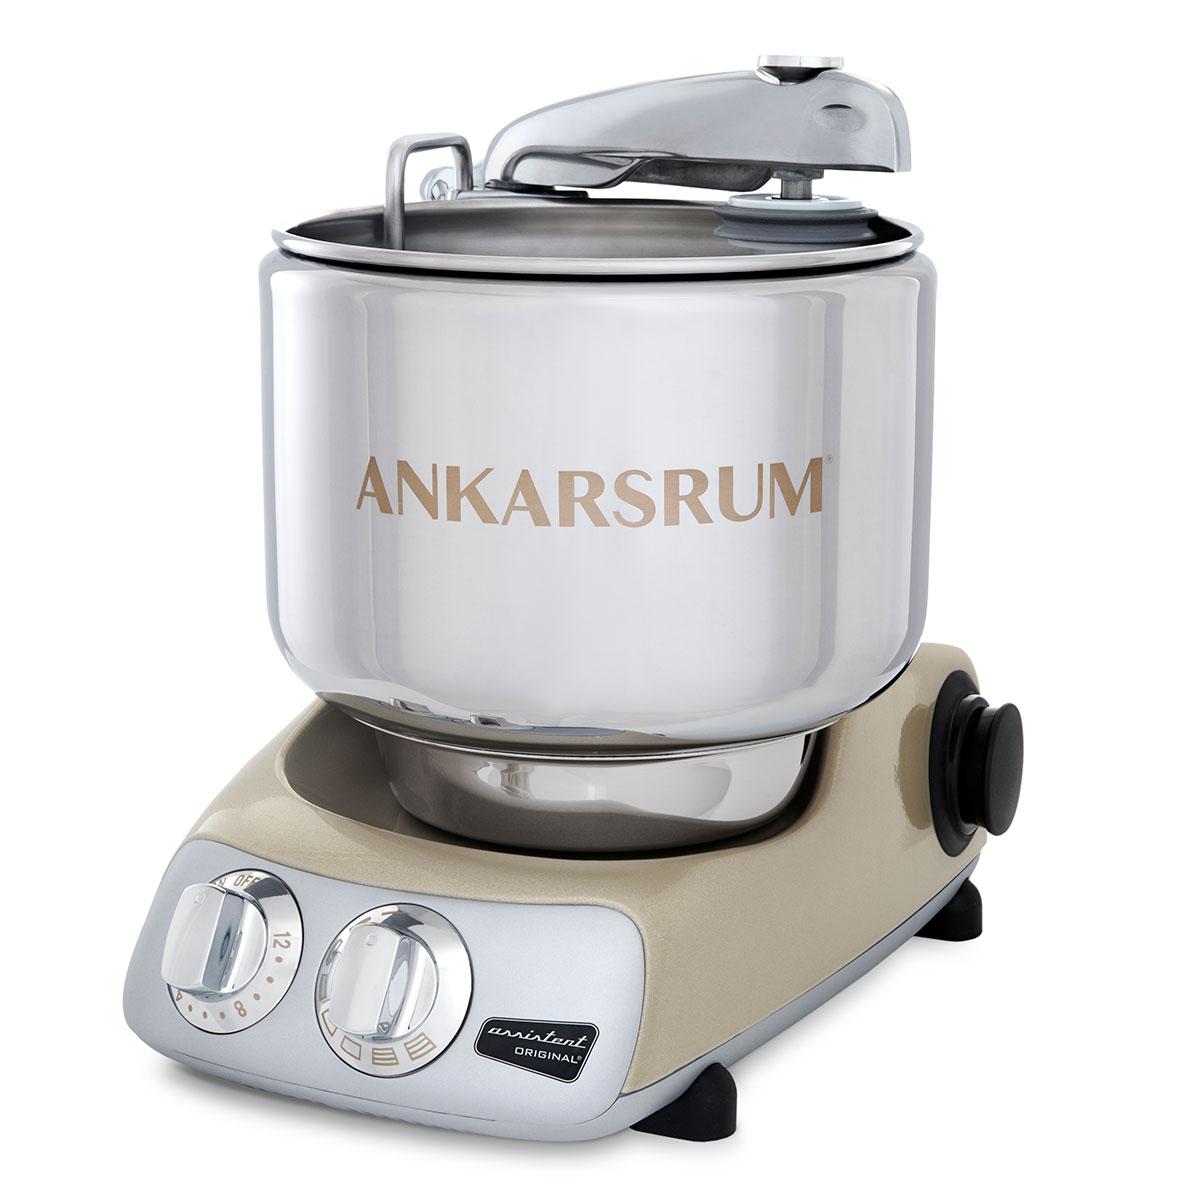 Ankarsrum køkkenmaskine - Assistent original 6230SG - Sparkling Gold